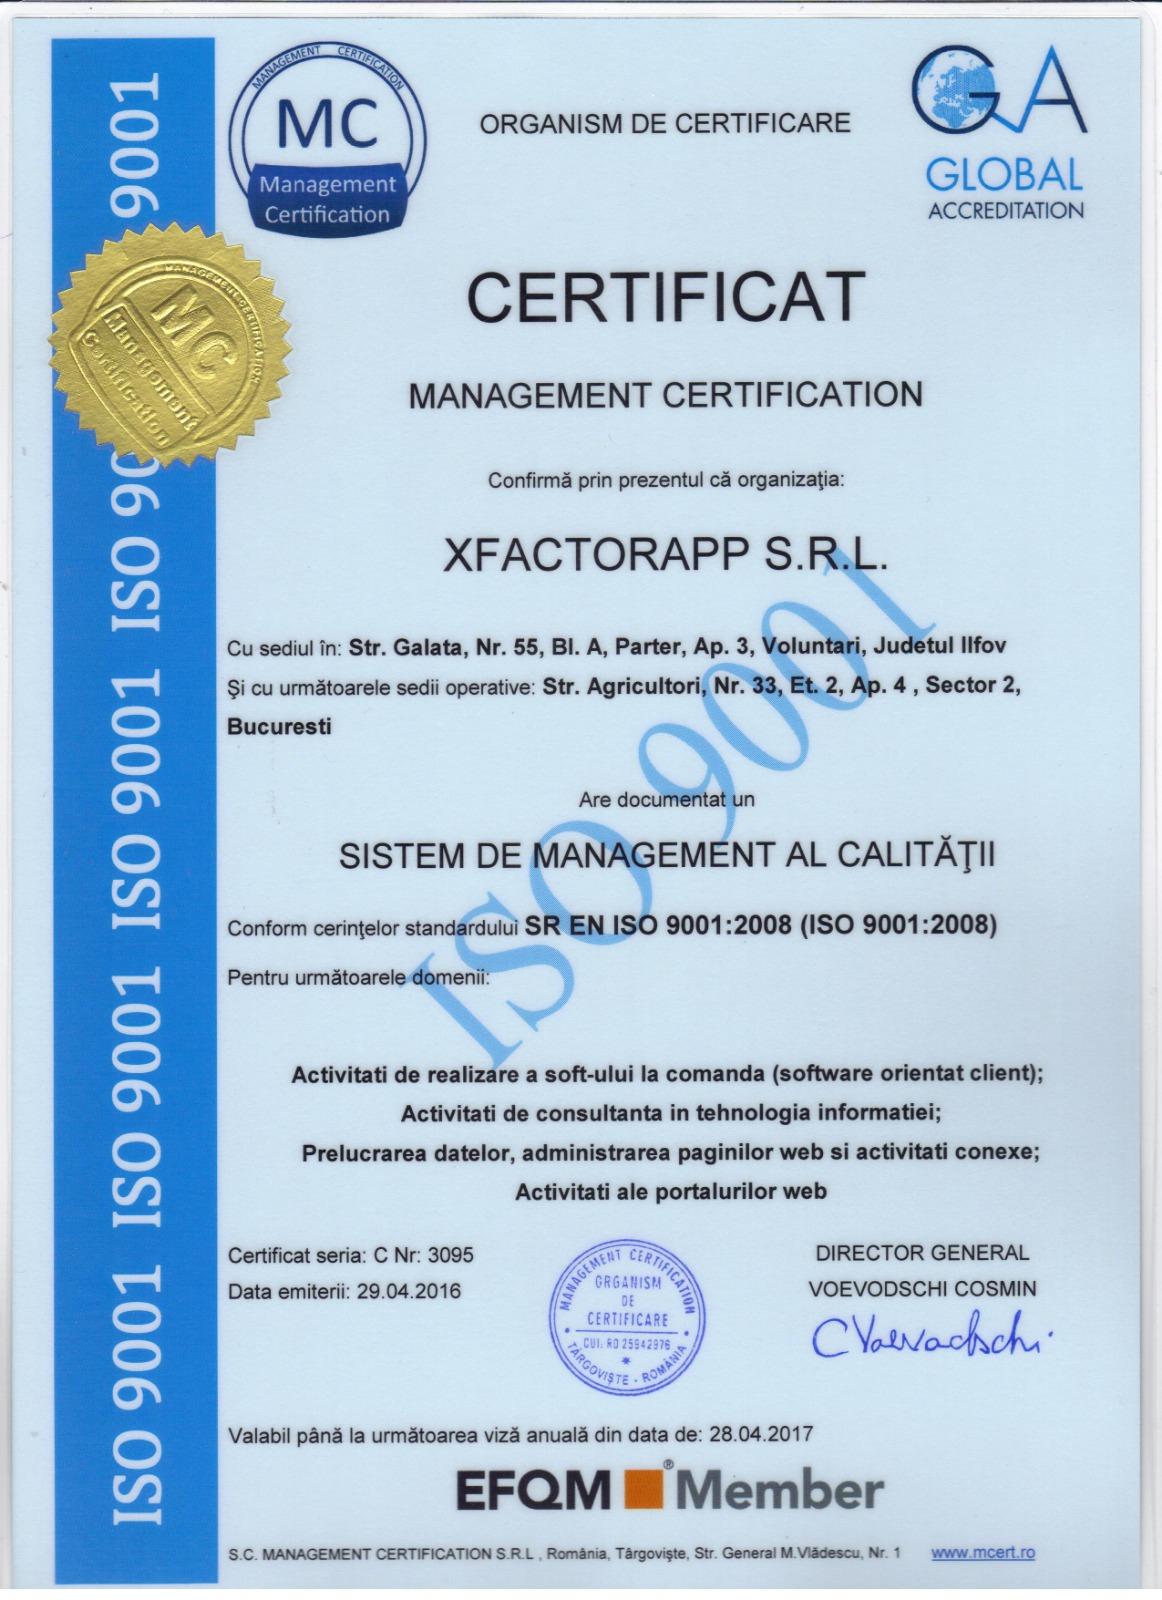 certificat de management al calitatii